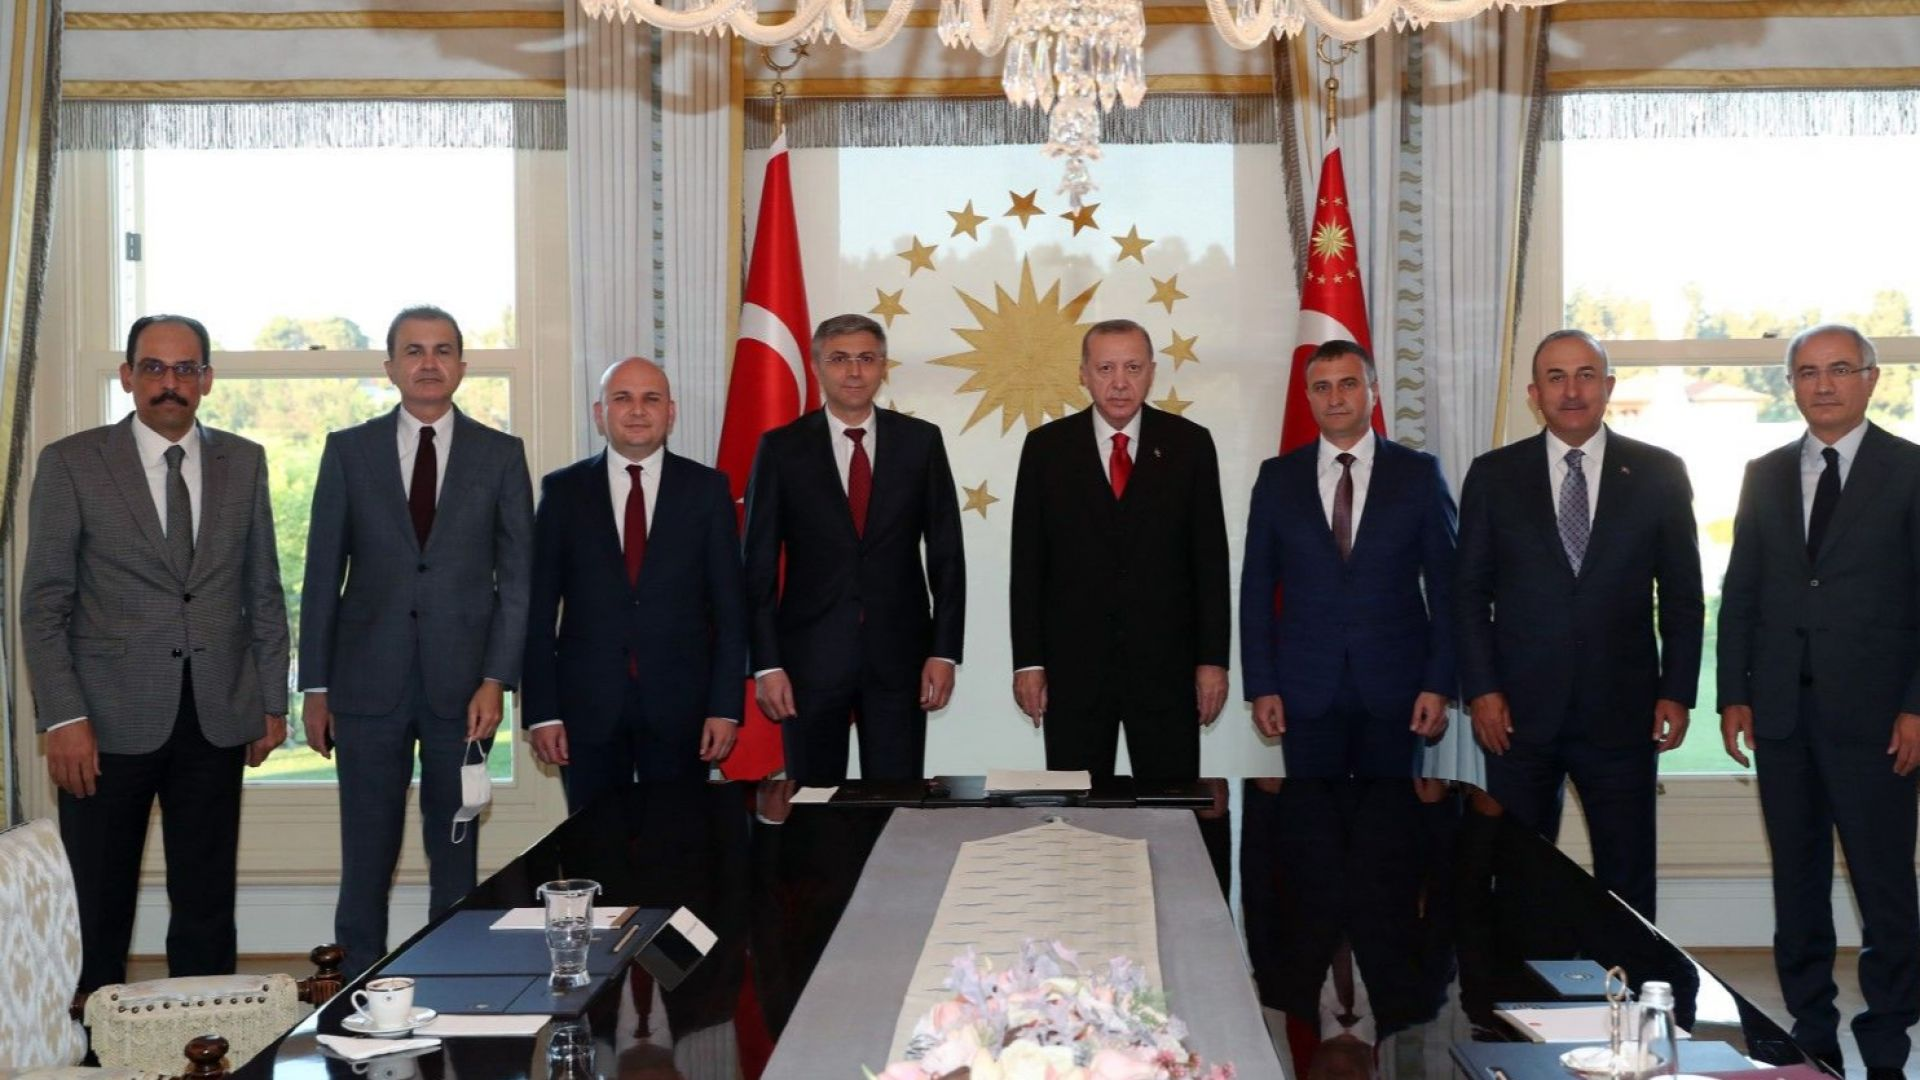 Илхан Андай: Ердоган вижда правителство с премиер от ГЕРБ, а Карадайъ - вицепремиер